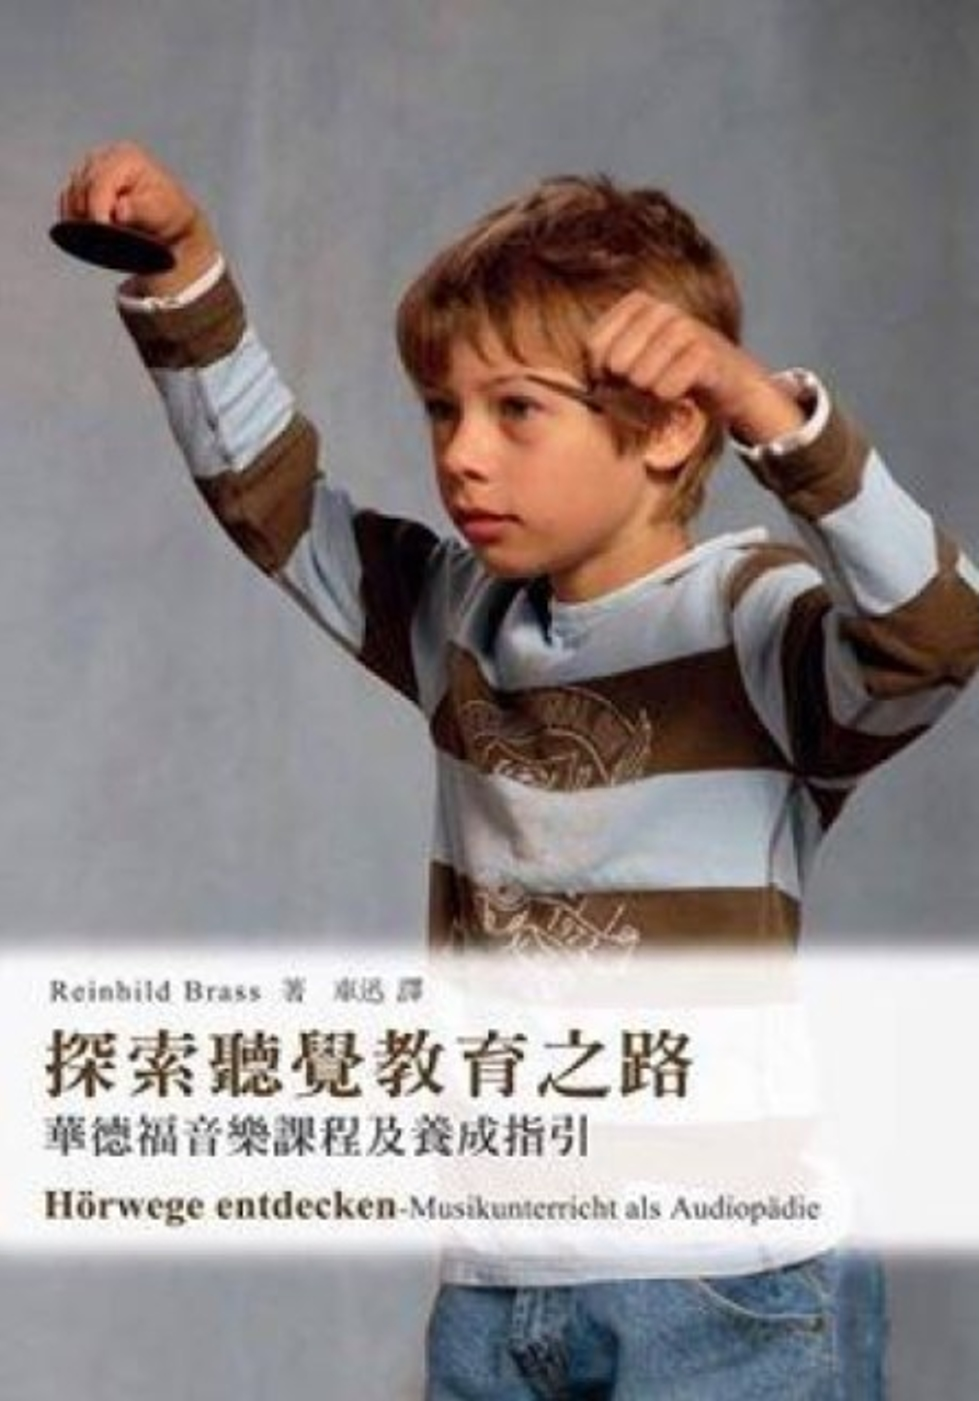 探索聽覺教育之路:華德福音樂課...